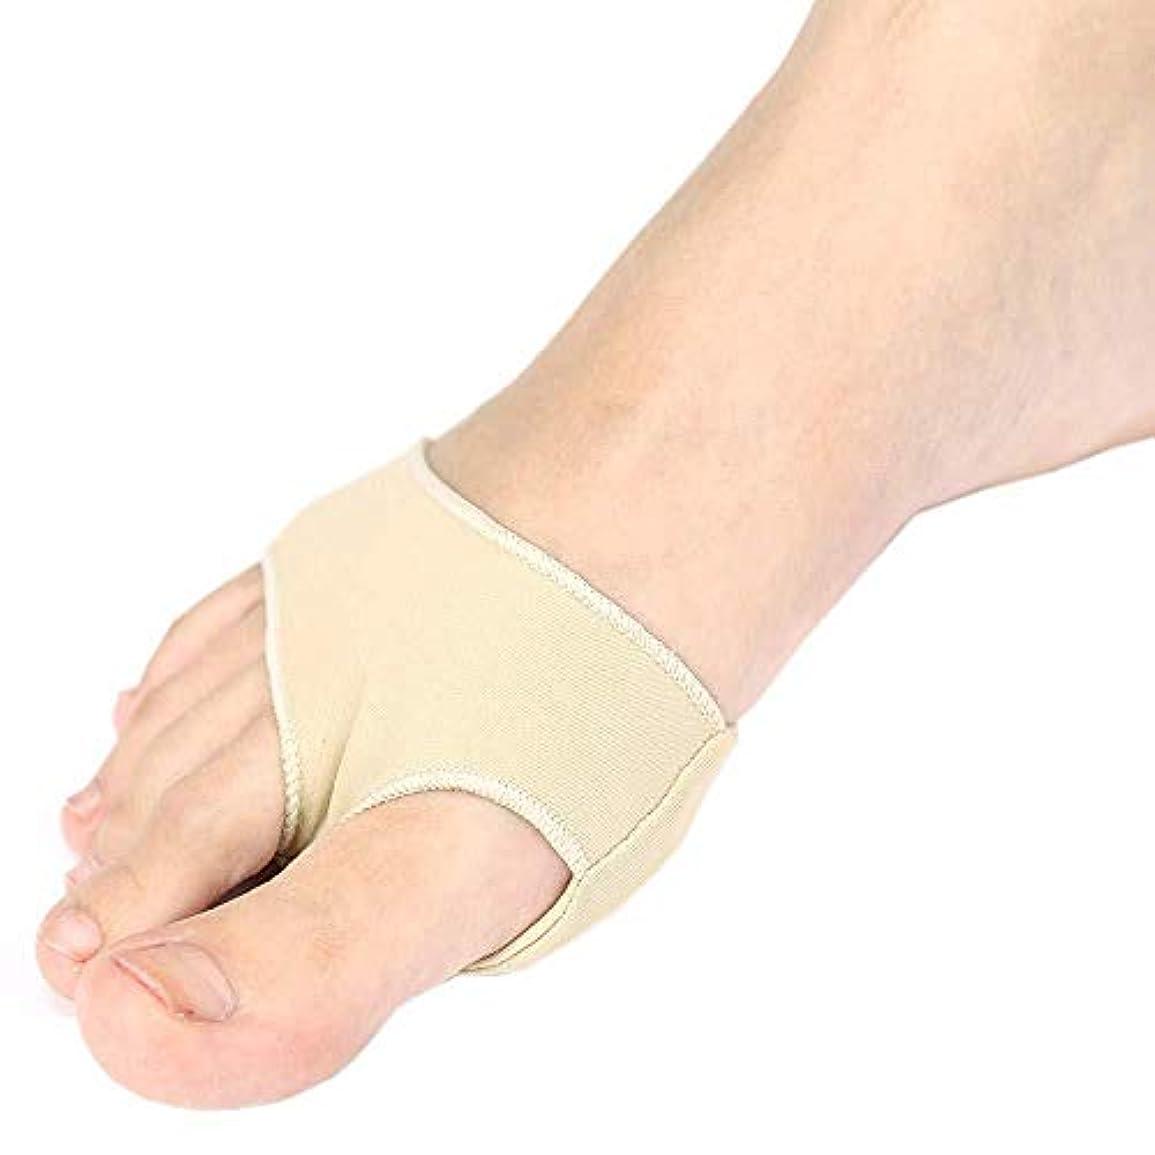 拮抗する線雇うつま先と外反の分離のためのつま先セパレーター、足の親指矯正器、つま先矯正器、装具つま先セパレーター,S